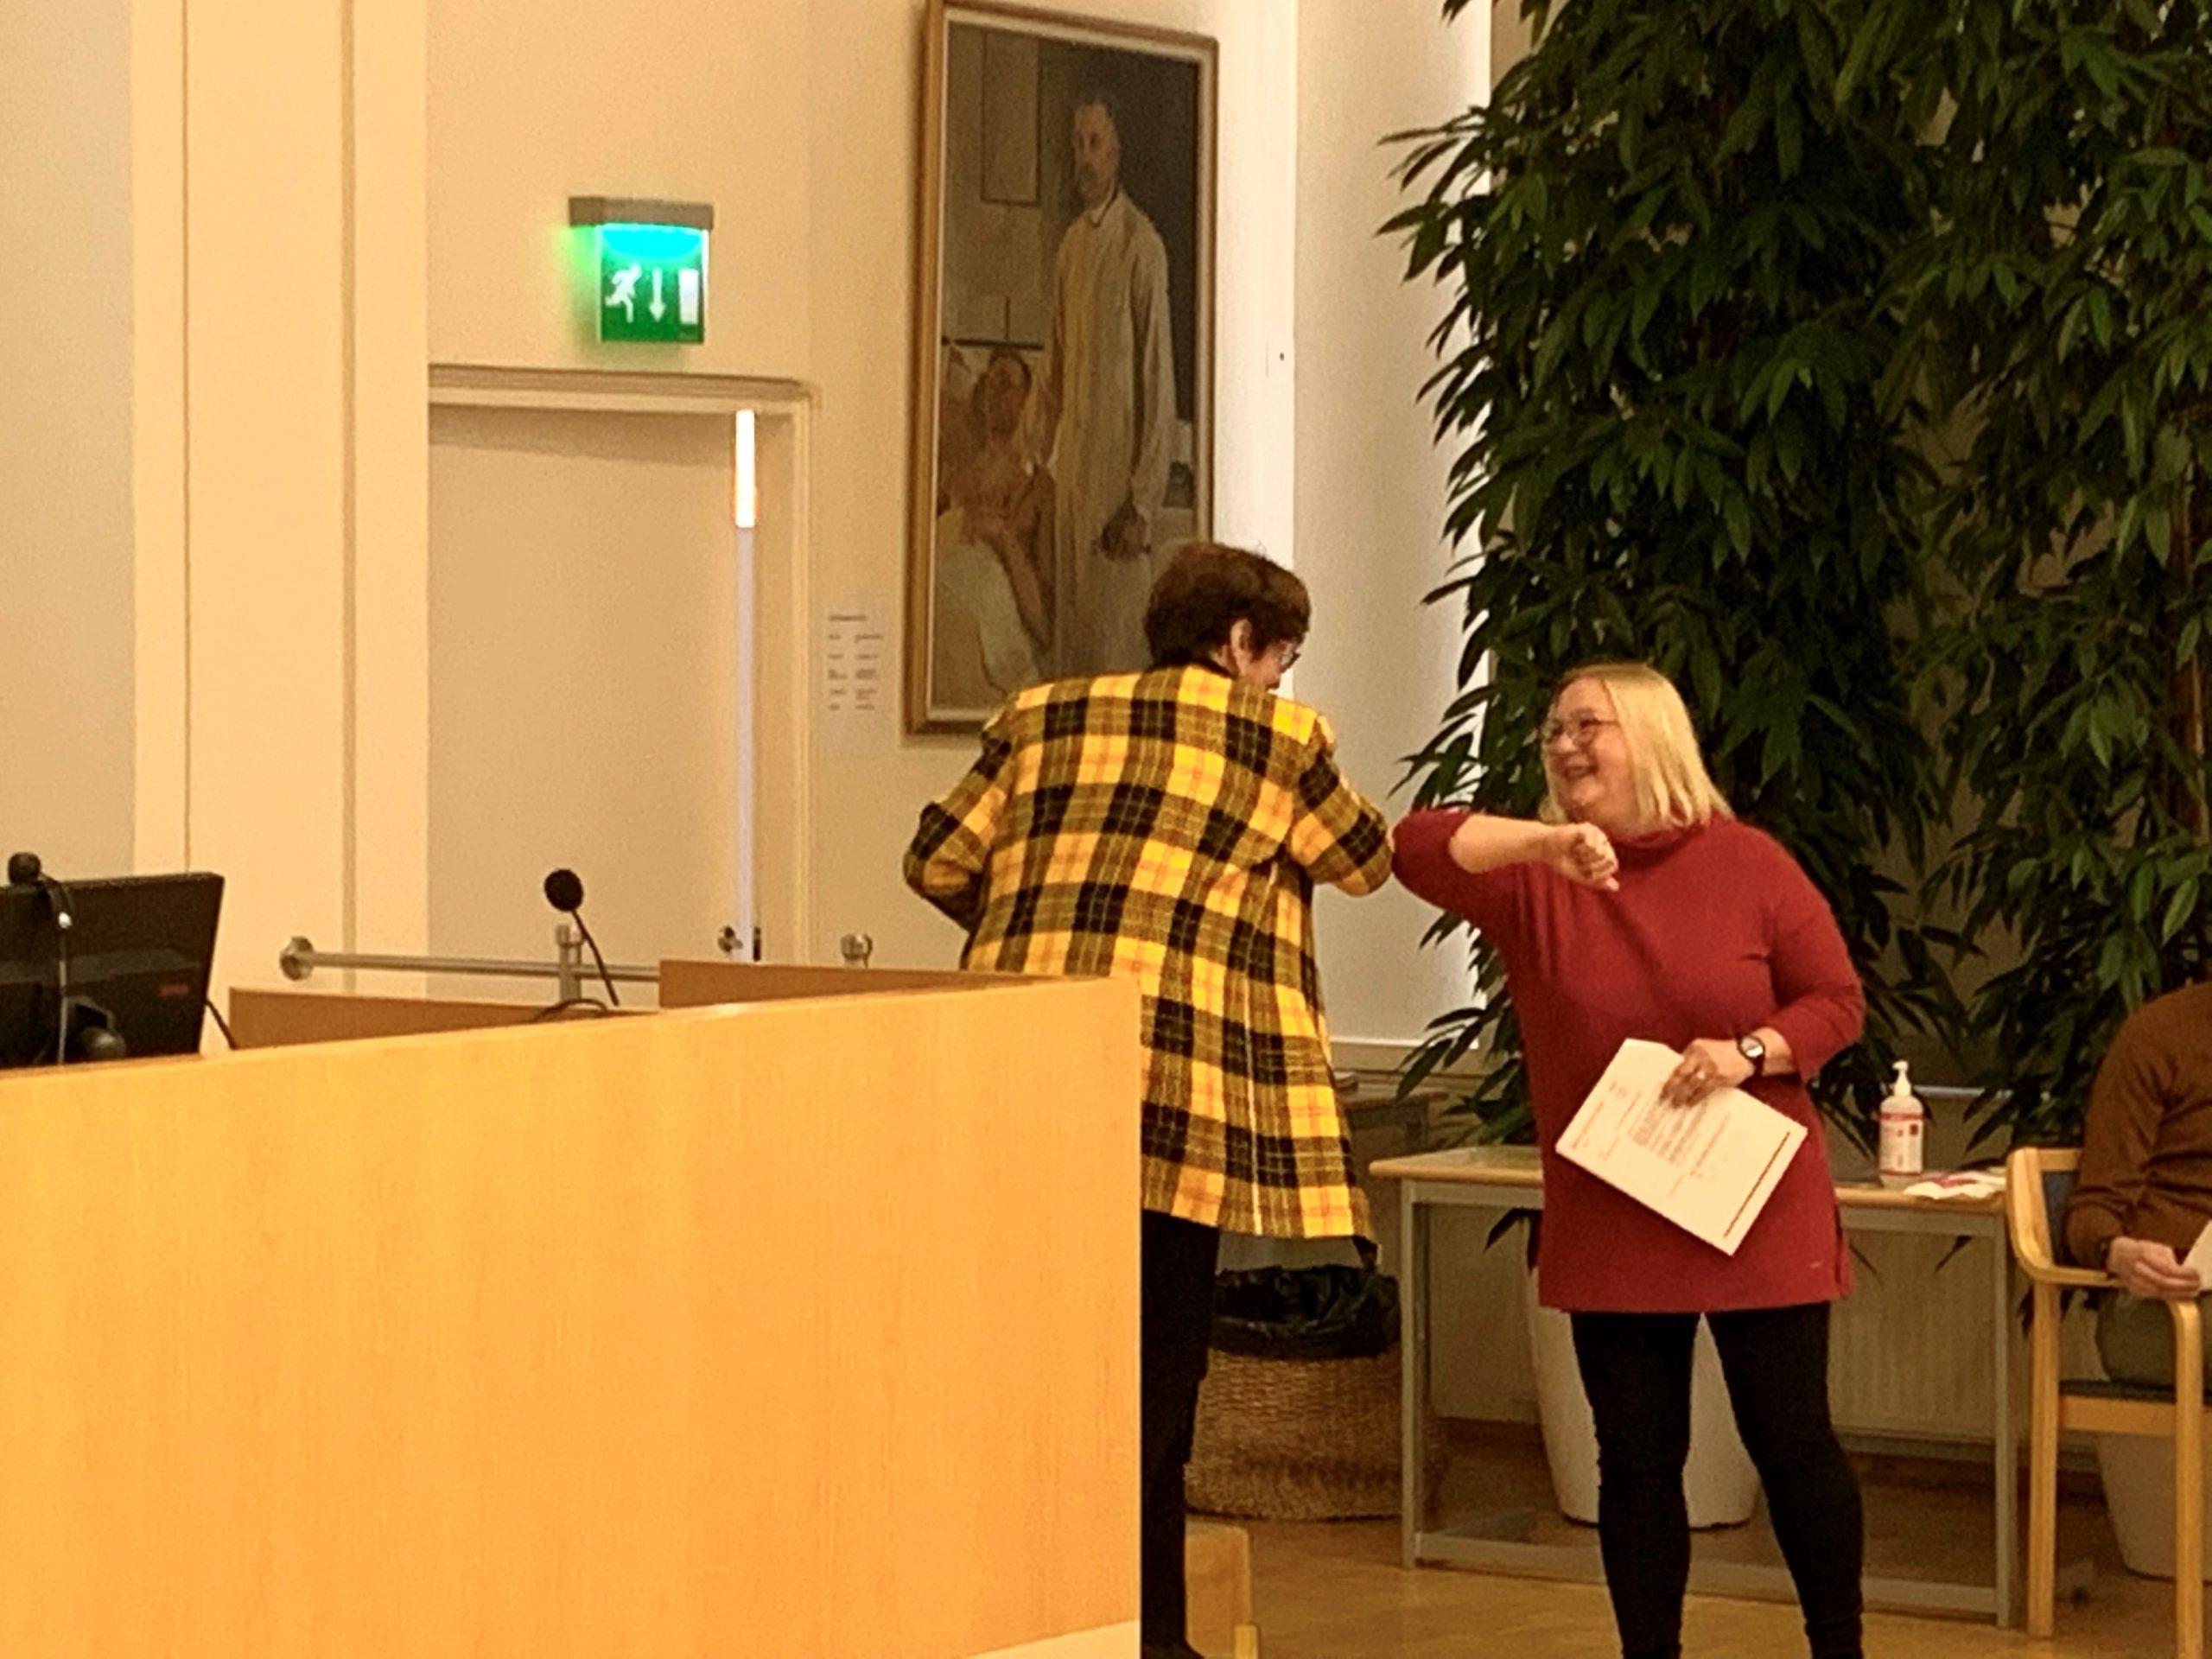 Valtuuston ikäpresidentti Sirkka-Liisa Anttila ja uusi puheenjohtaja Sari Myllykangas koronatervehtivät toisiaan.